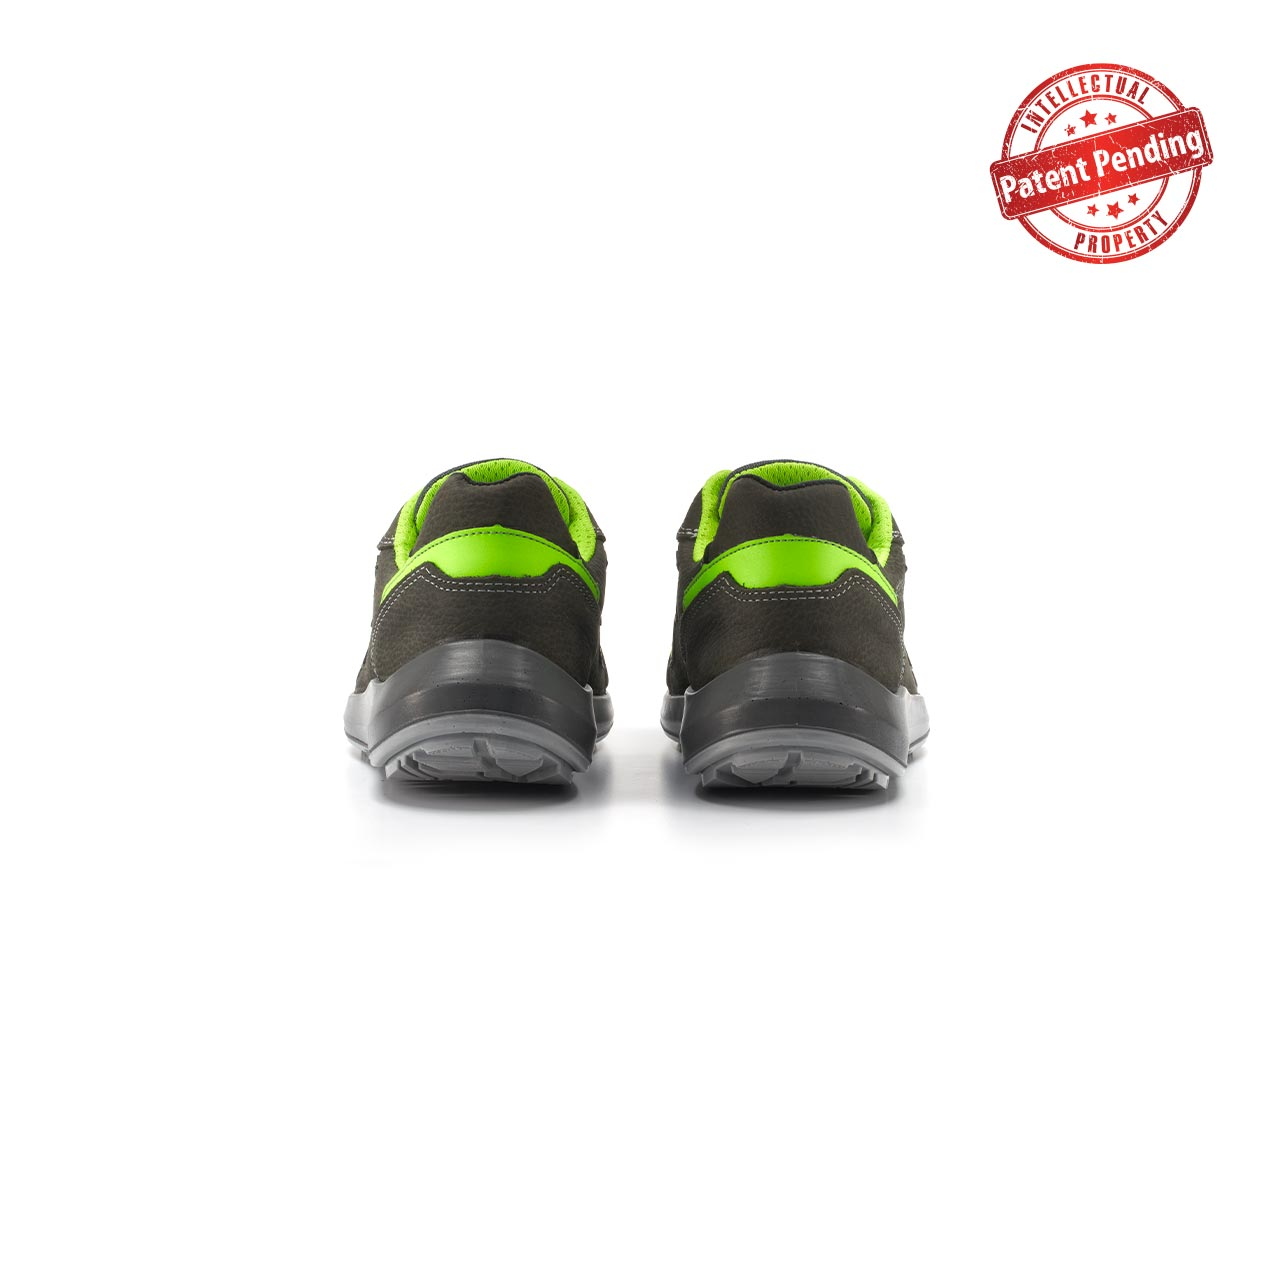 paio di scarpe antinfortunistiche upower modello hydra linea redup vista retro